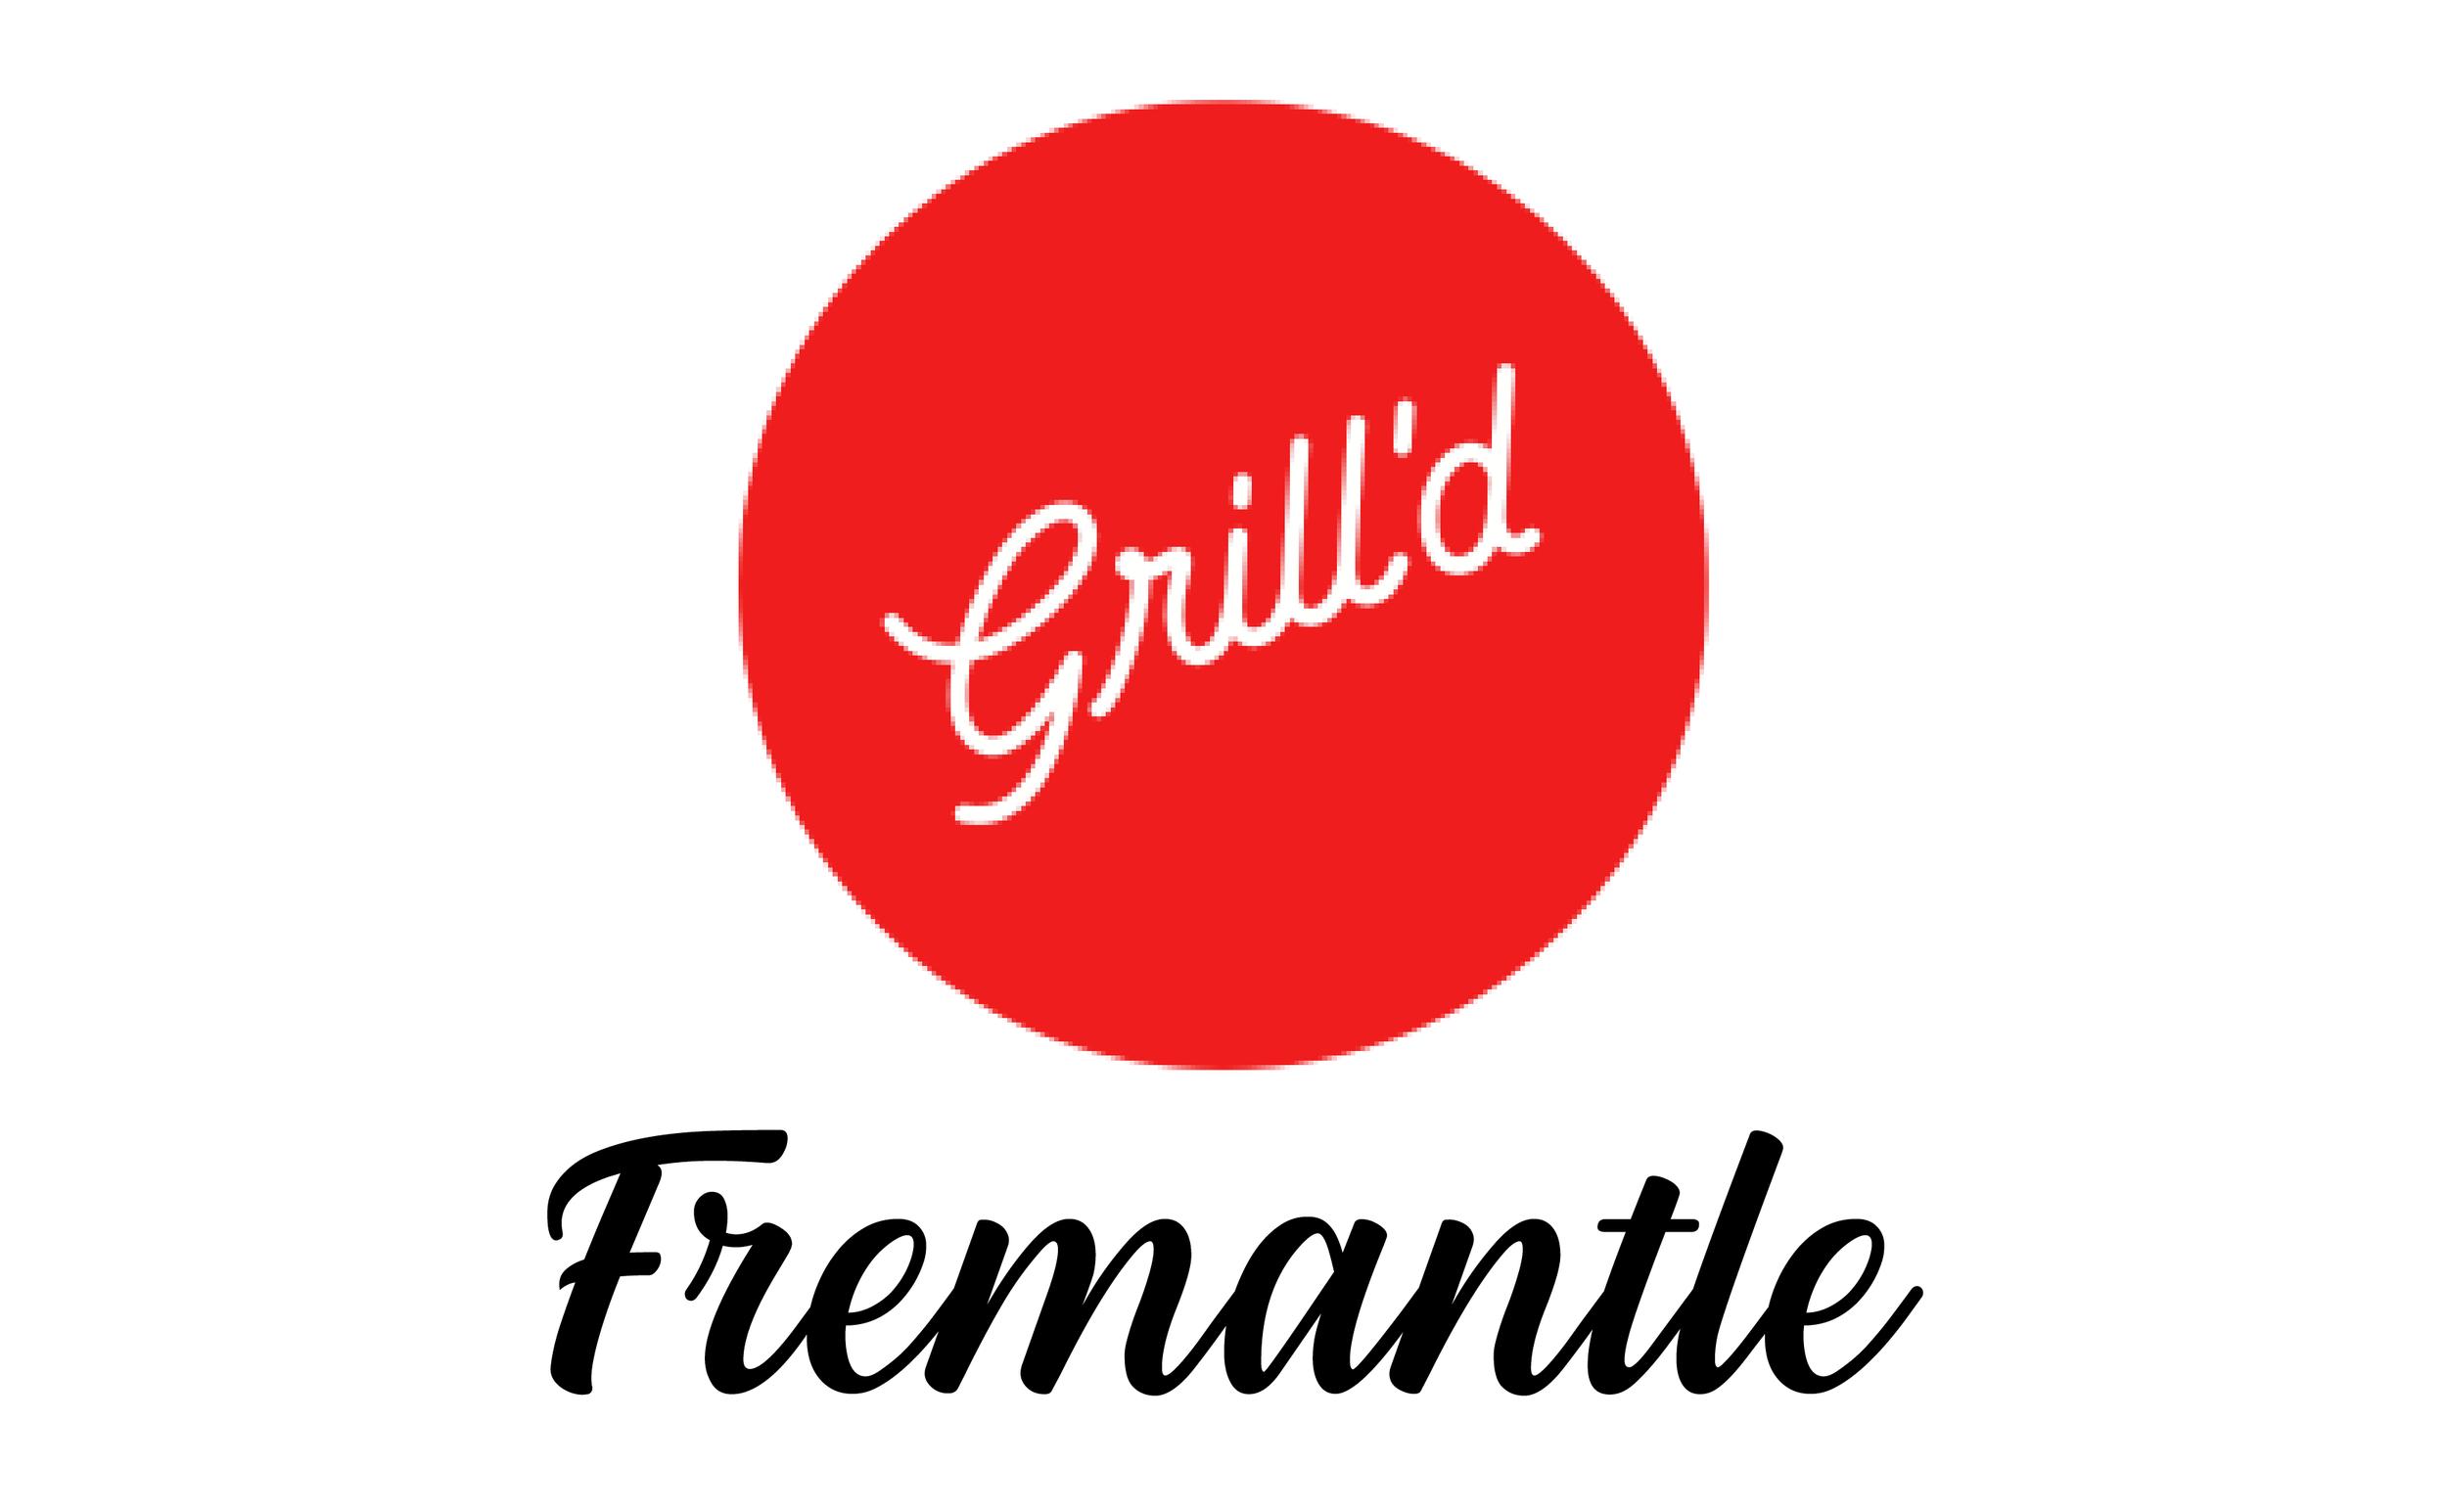 Grill'd Fremantle